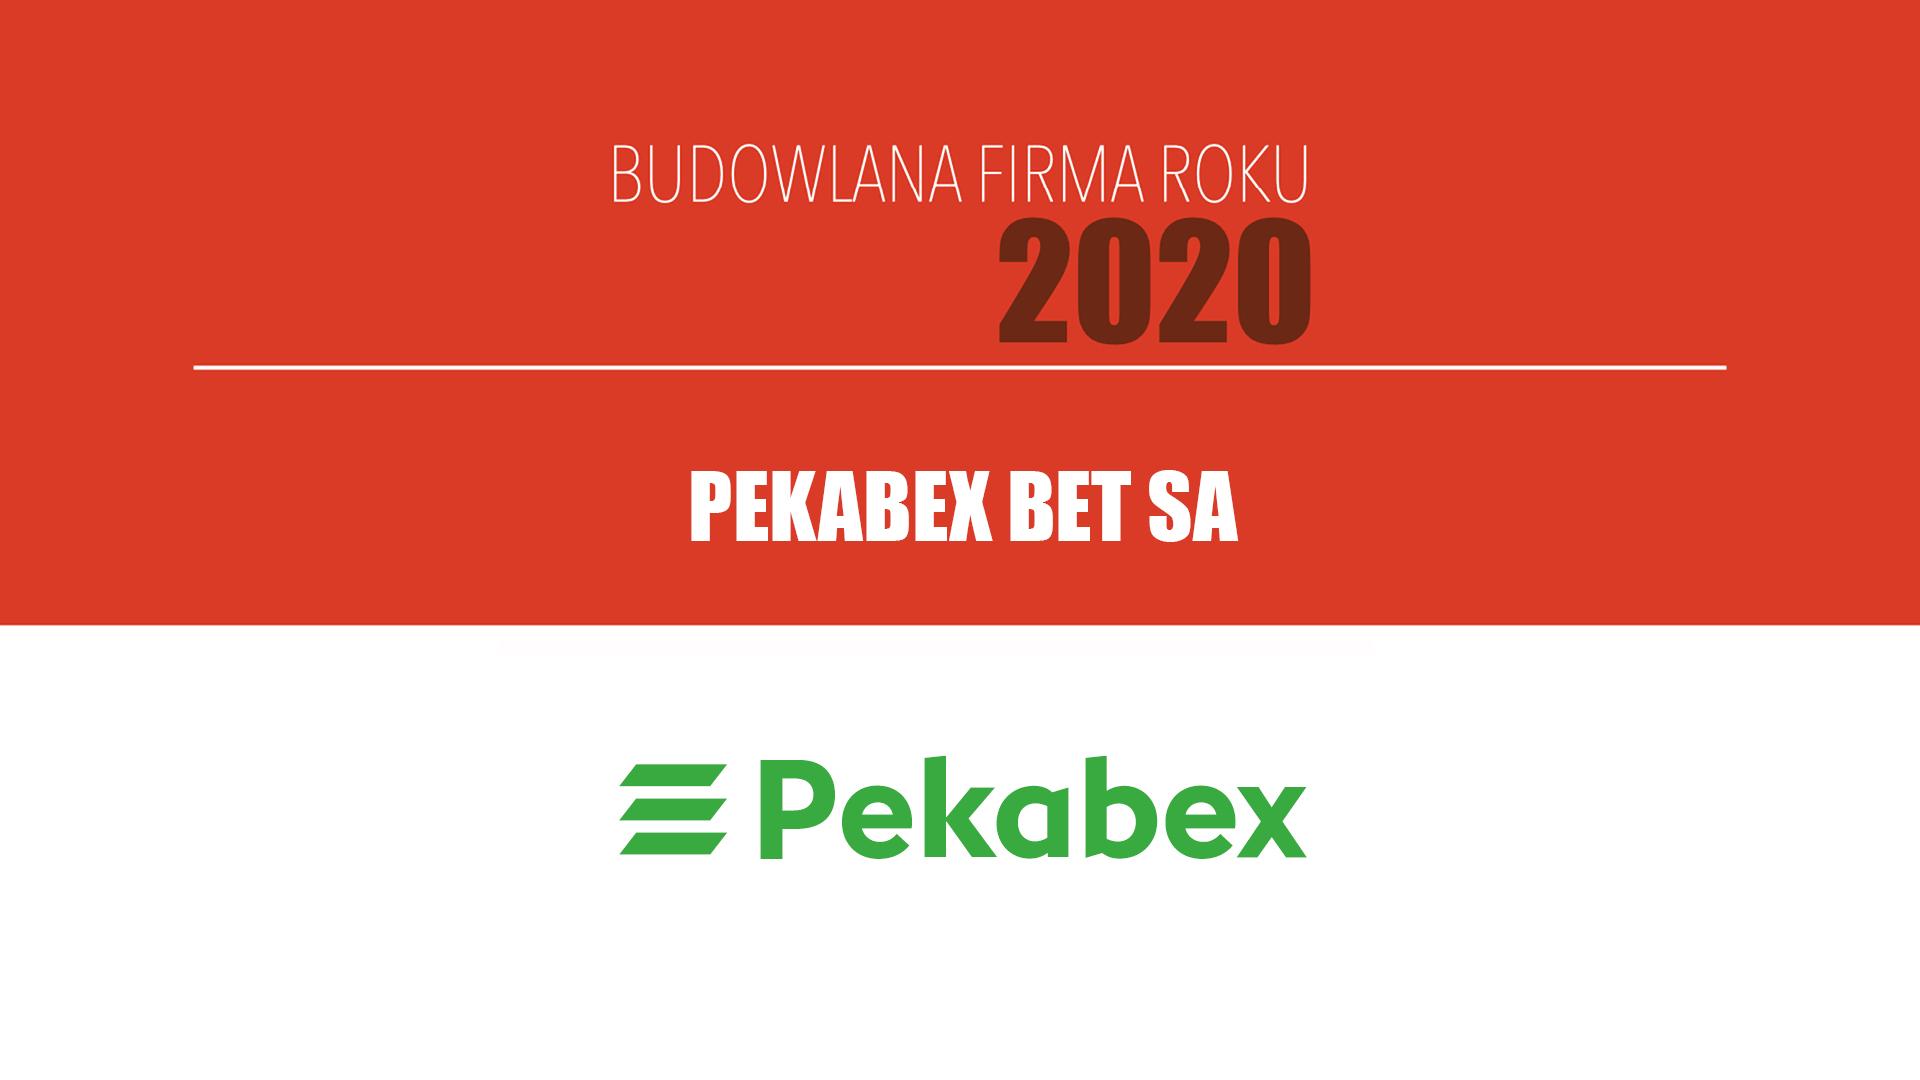 PEKABEX BET SA – Budowlana Firma Roku 2020